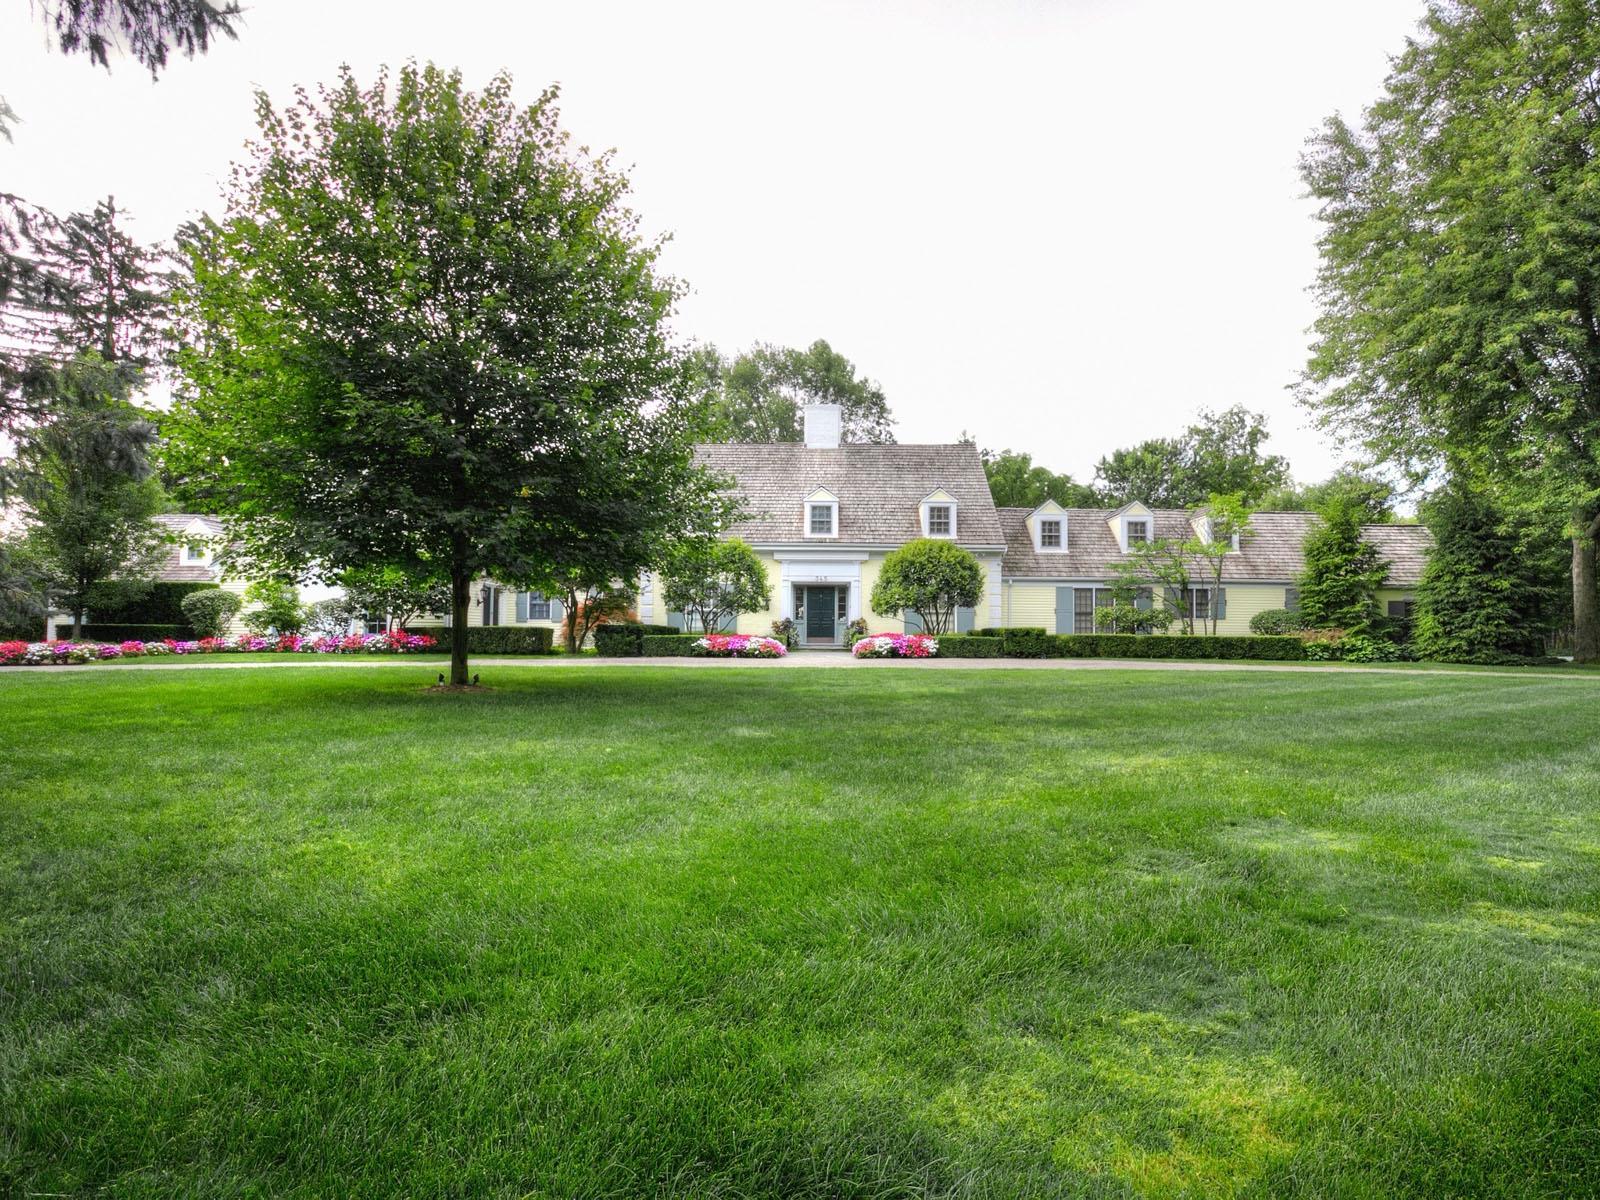 Maison unifamiliale pour l Vente à Bloomfield 345 Woodridge Road Bloomfield, Michigan, 48304 États-Unis